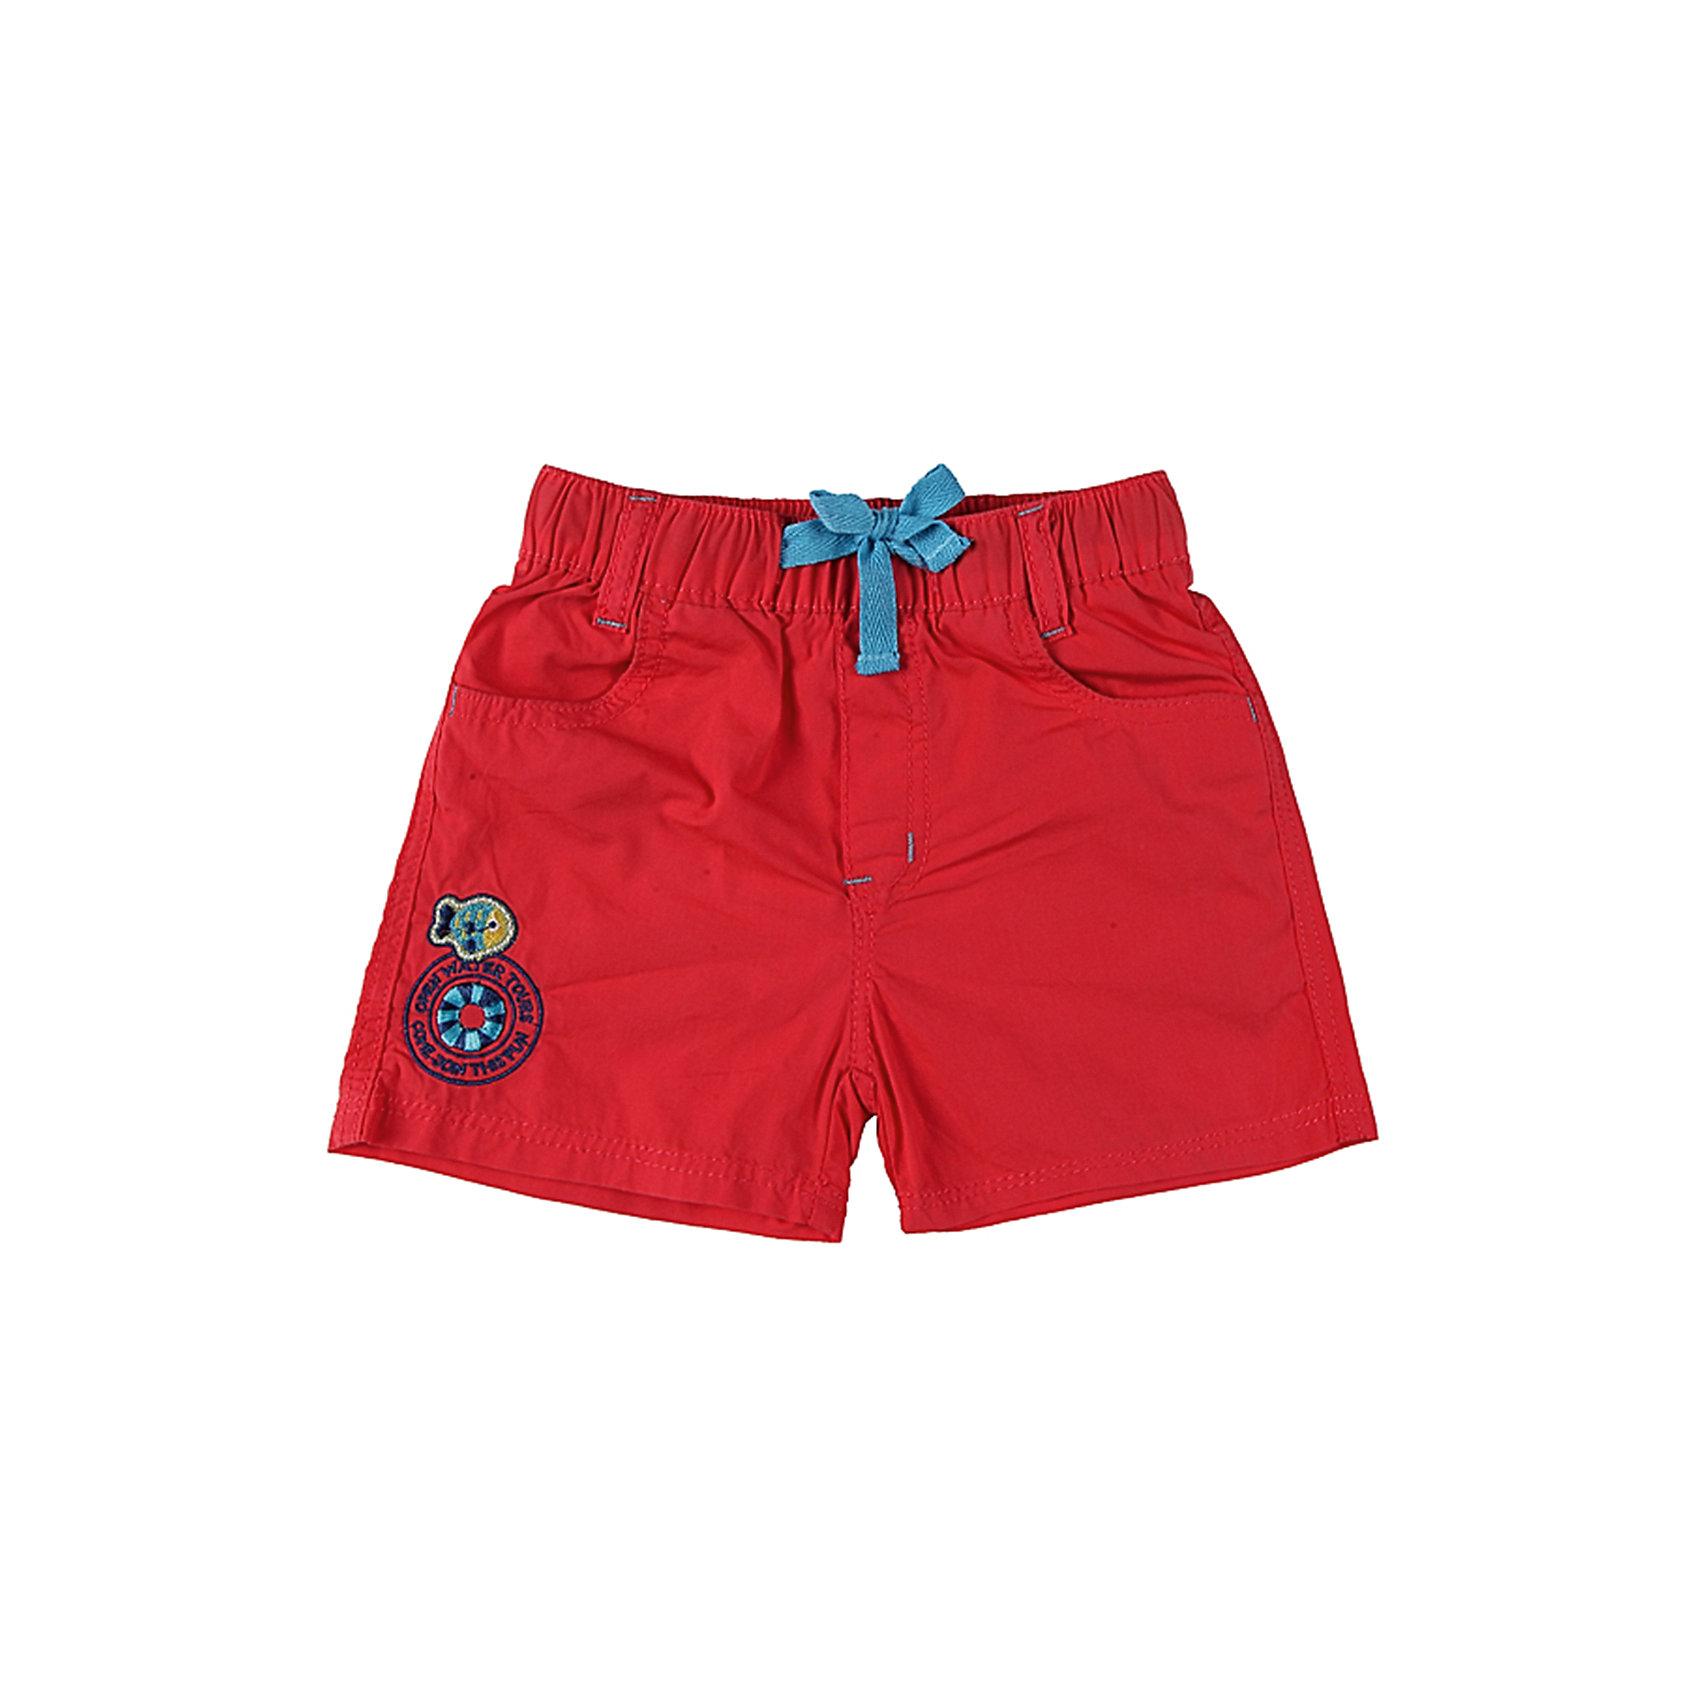 Шорты для мальчика Sweet BerryШорты и бриджи<br>Текстильные шорты на резинке украшенные шевронами<br>Состав:<br>100% хлопок<br><br>Ширина мм: 191<br>Глубина мм: 10<br>Высота мм: 175<br>Вес г: 273<br>Цвет: красный<br>Возраст от месяцев: 9<br>Возраст до месяцев: 12<br>Пол: Мужской<br>Возраст: Детский<br>Размер: 80,98,92,86<br>SKU: 4522179